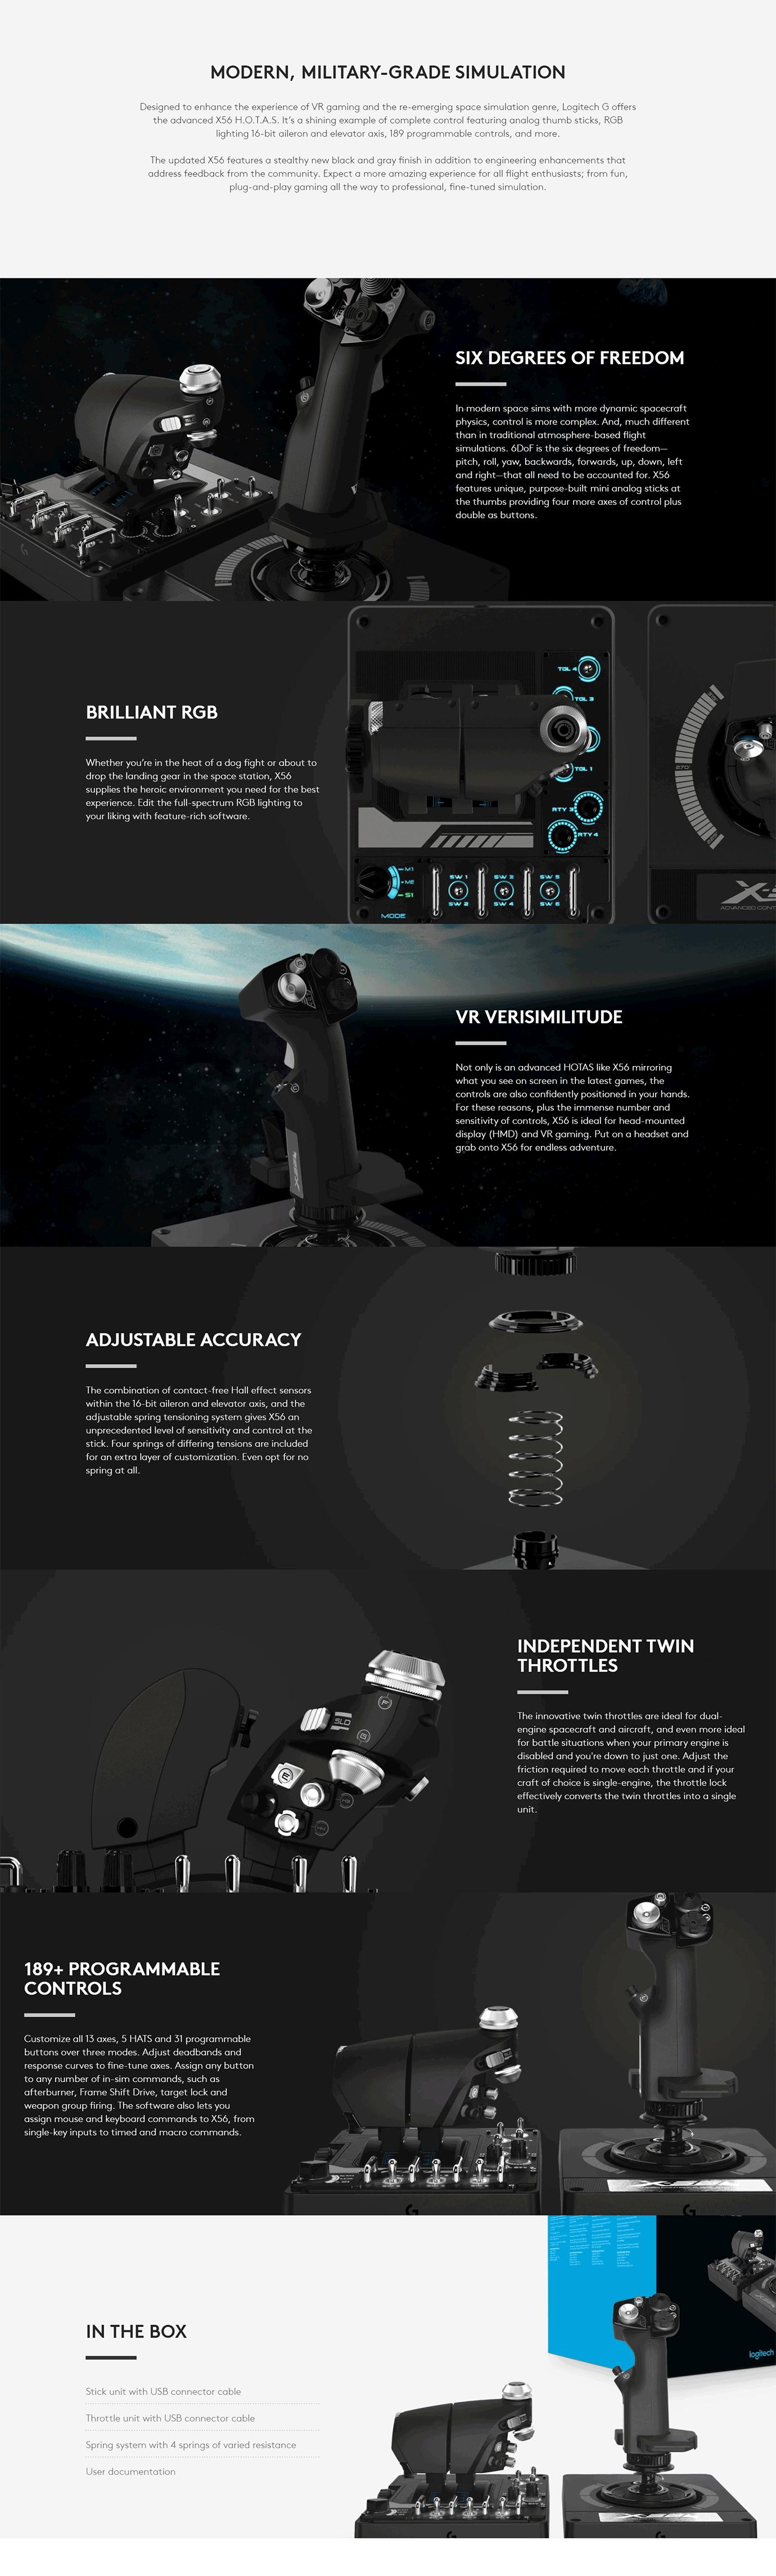 Logitech X56 Controller